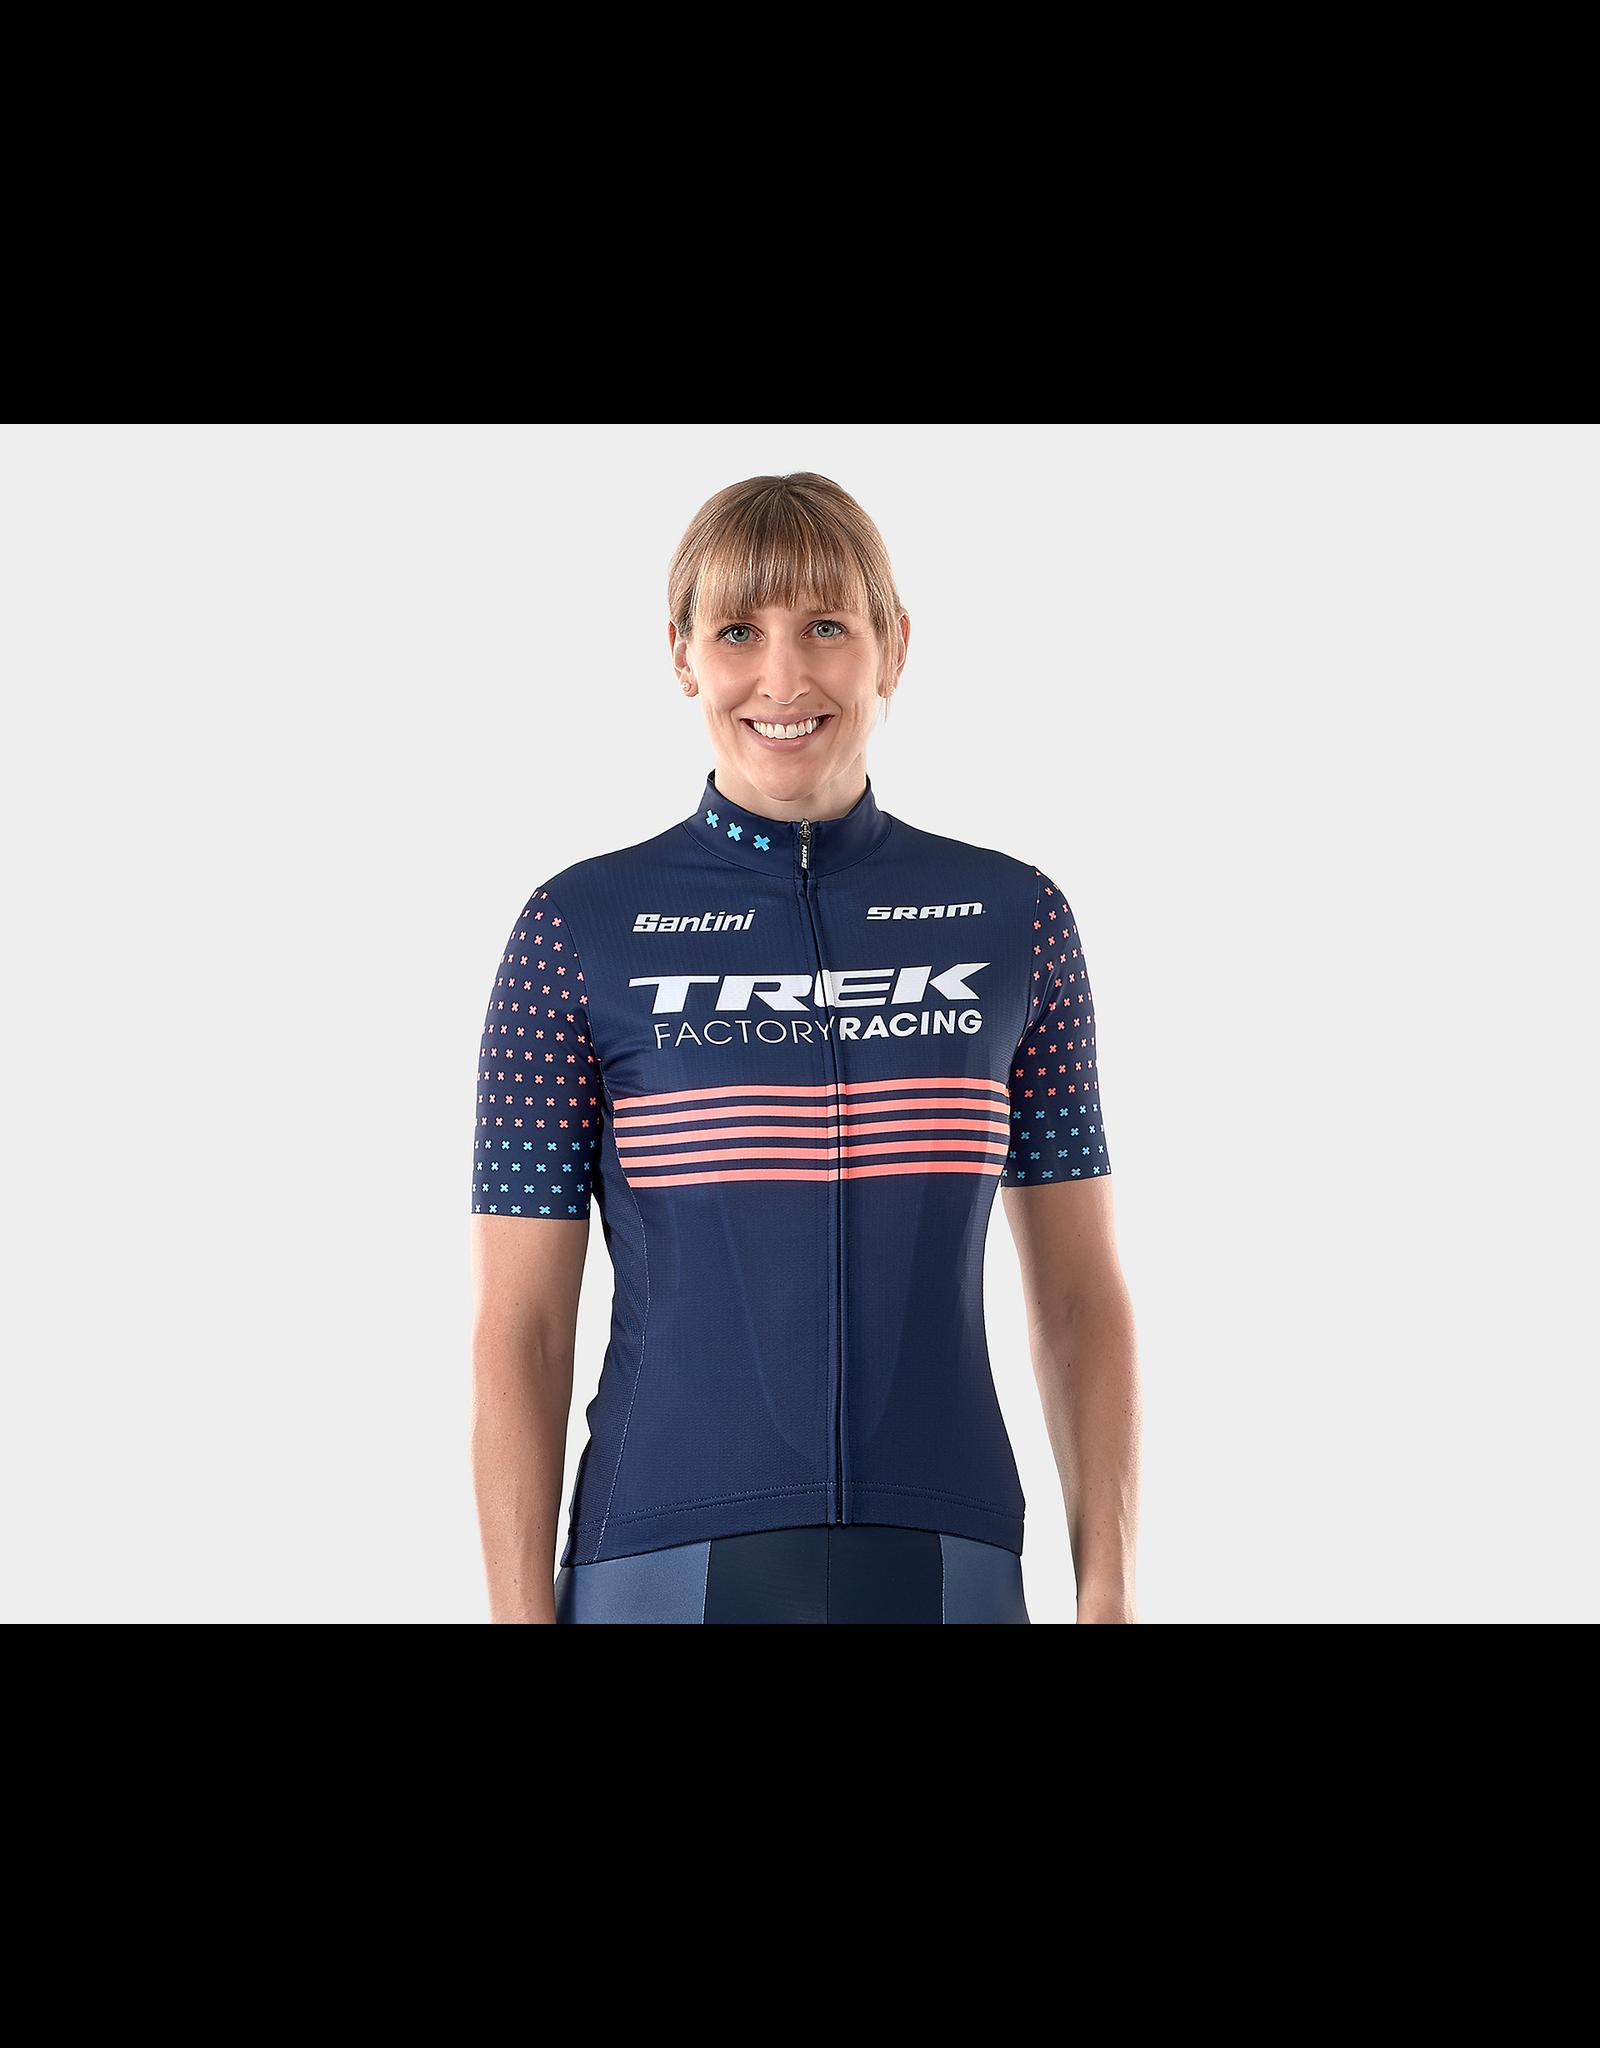 Santini Maillot cycliste CX Santini Trek Factory Racing Replica pour femmes